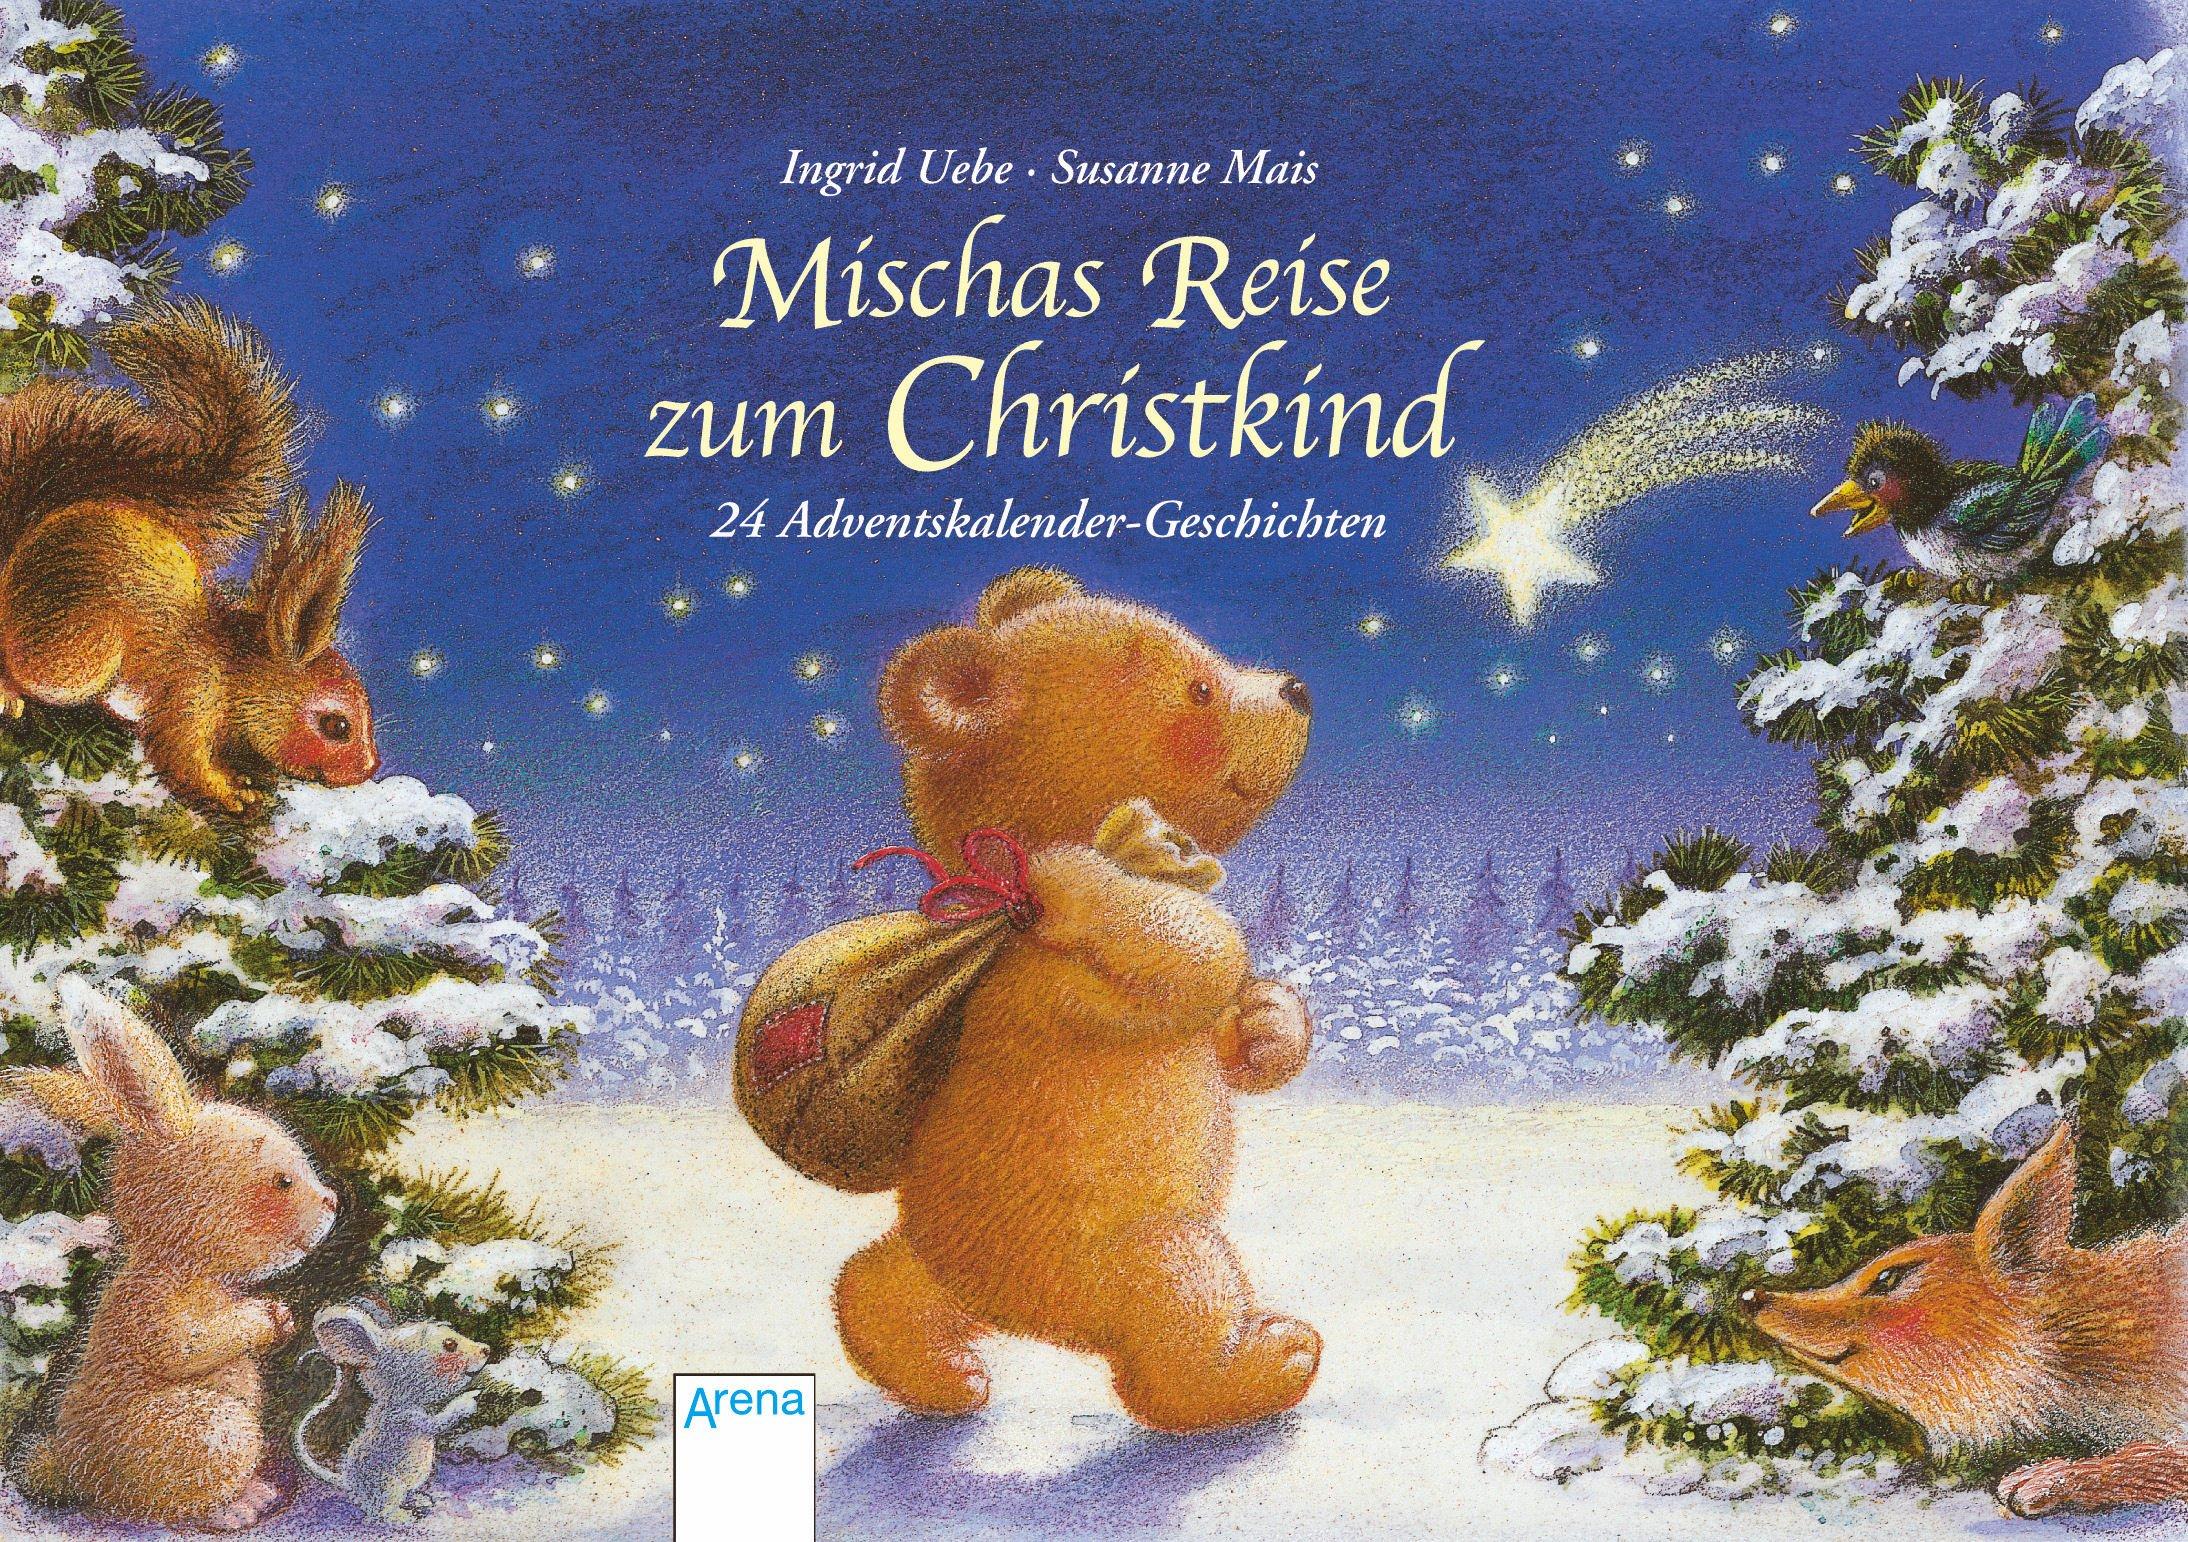 Mischas Reise zum Christkind: 24 Adventskalender-Geschichten Kalender – Adventskalender, September 2012 Ingrid Uebe Susanne Mais Arena 3401098241